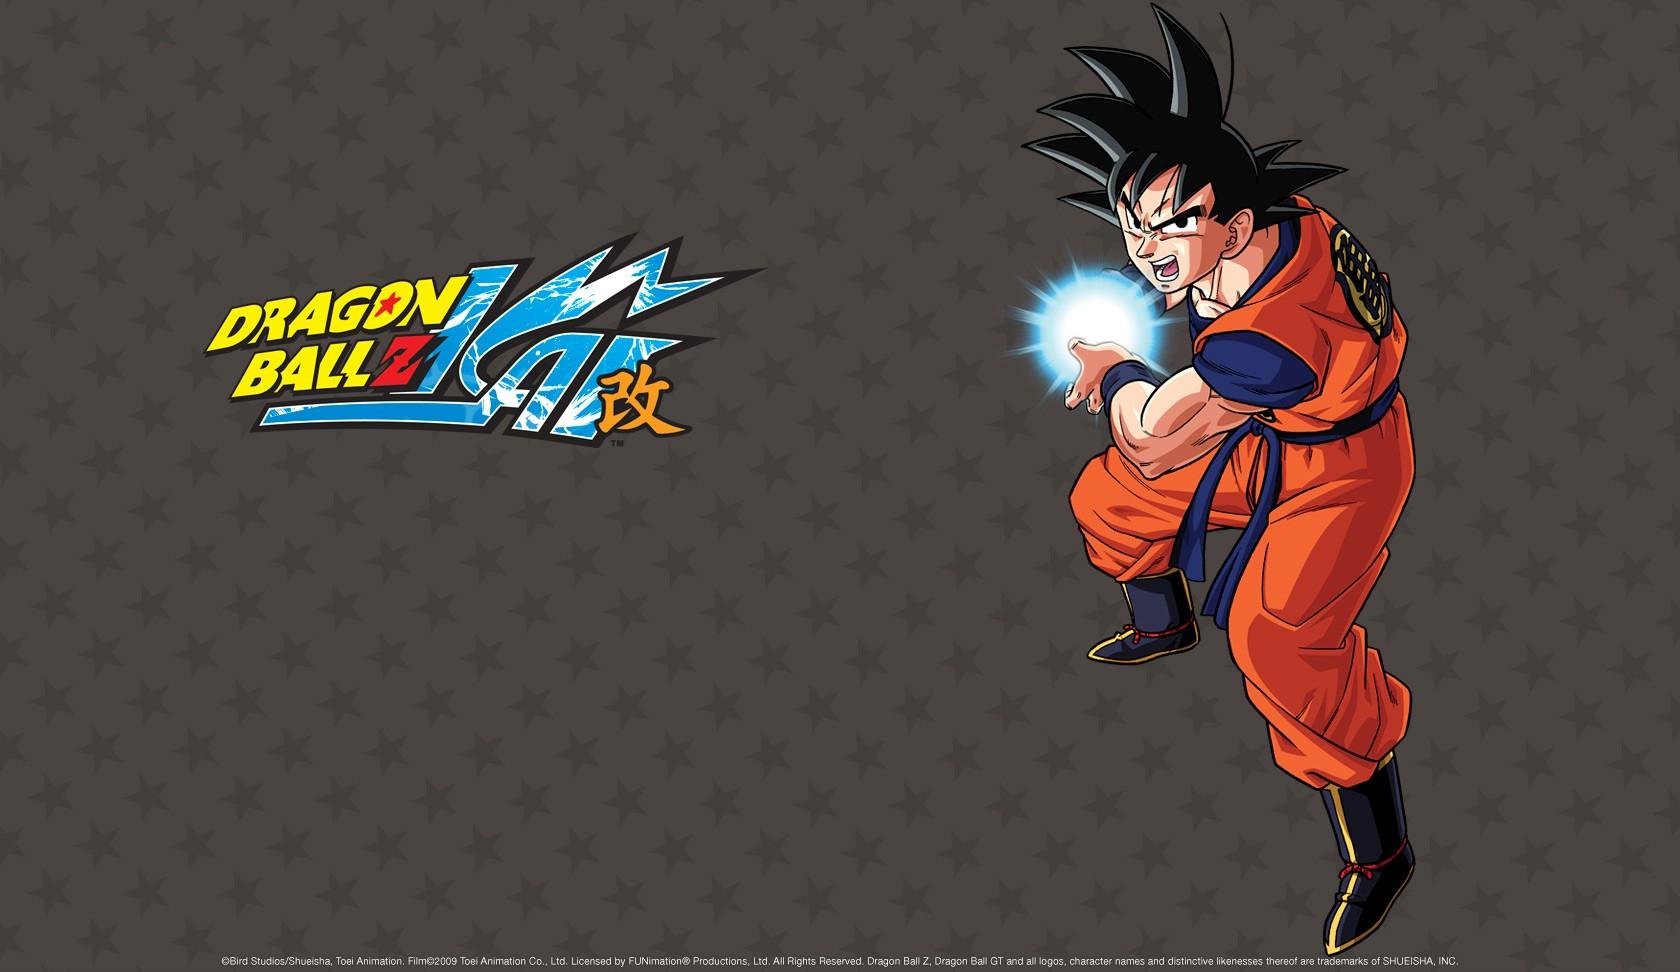 Son Goku Wallpaper 1680x972 Son Goku Dragon Ball Kai Dragon Ball 1680x972